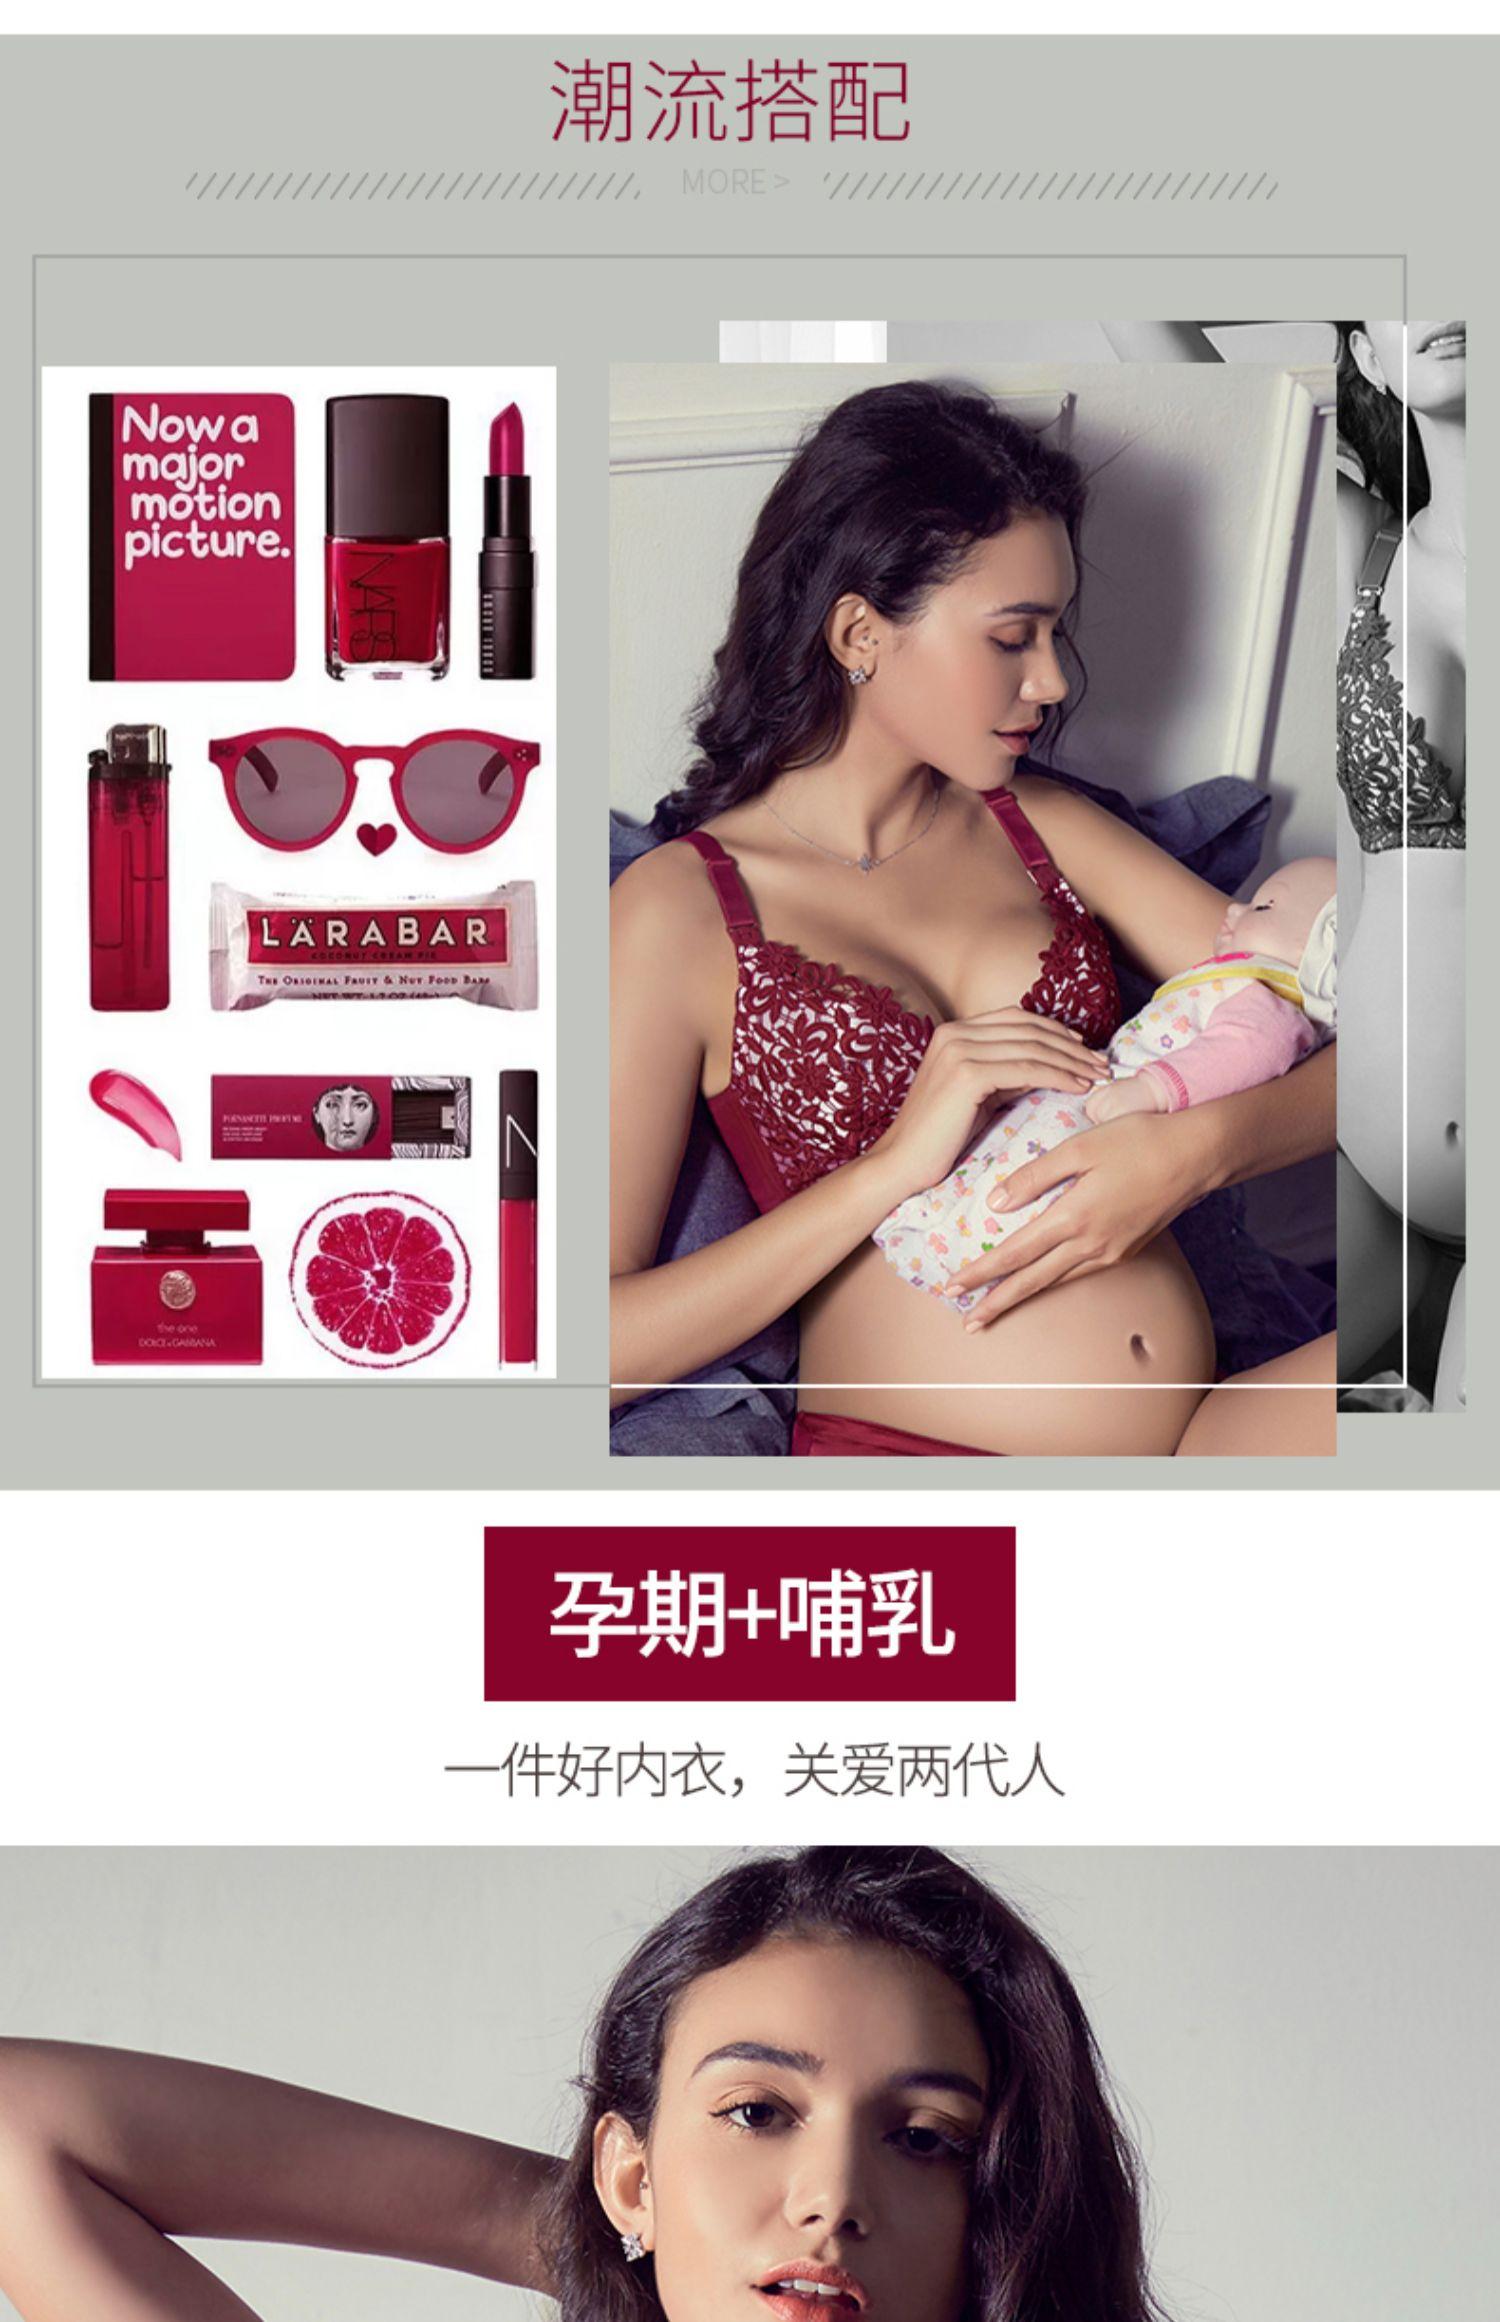 哺乳文胸孕妇内衣女喂奶夏季怀孕期防下垂聚拢产后薄款纯棉里超薄商品详情图